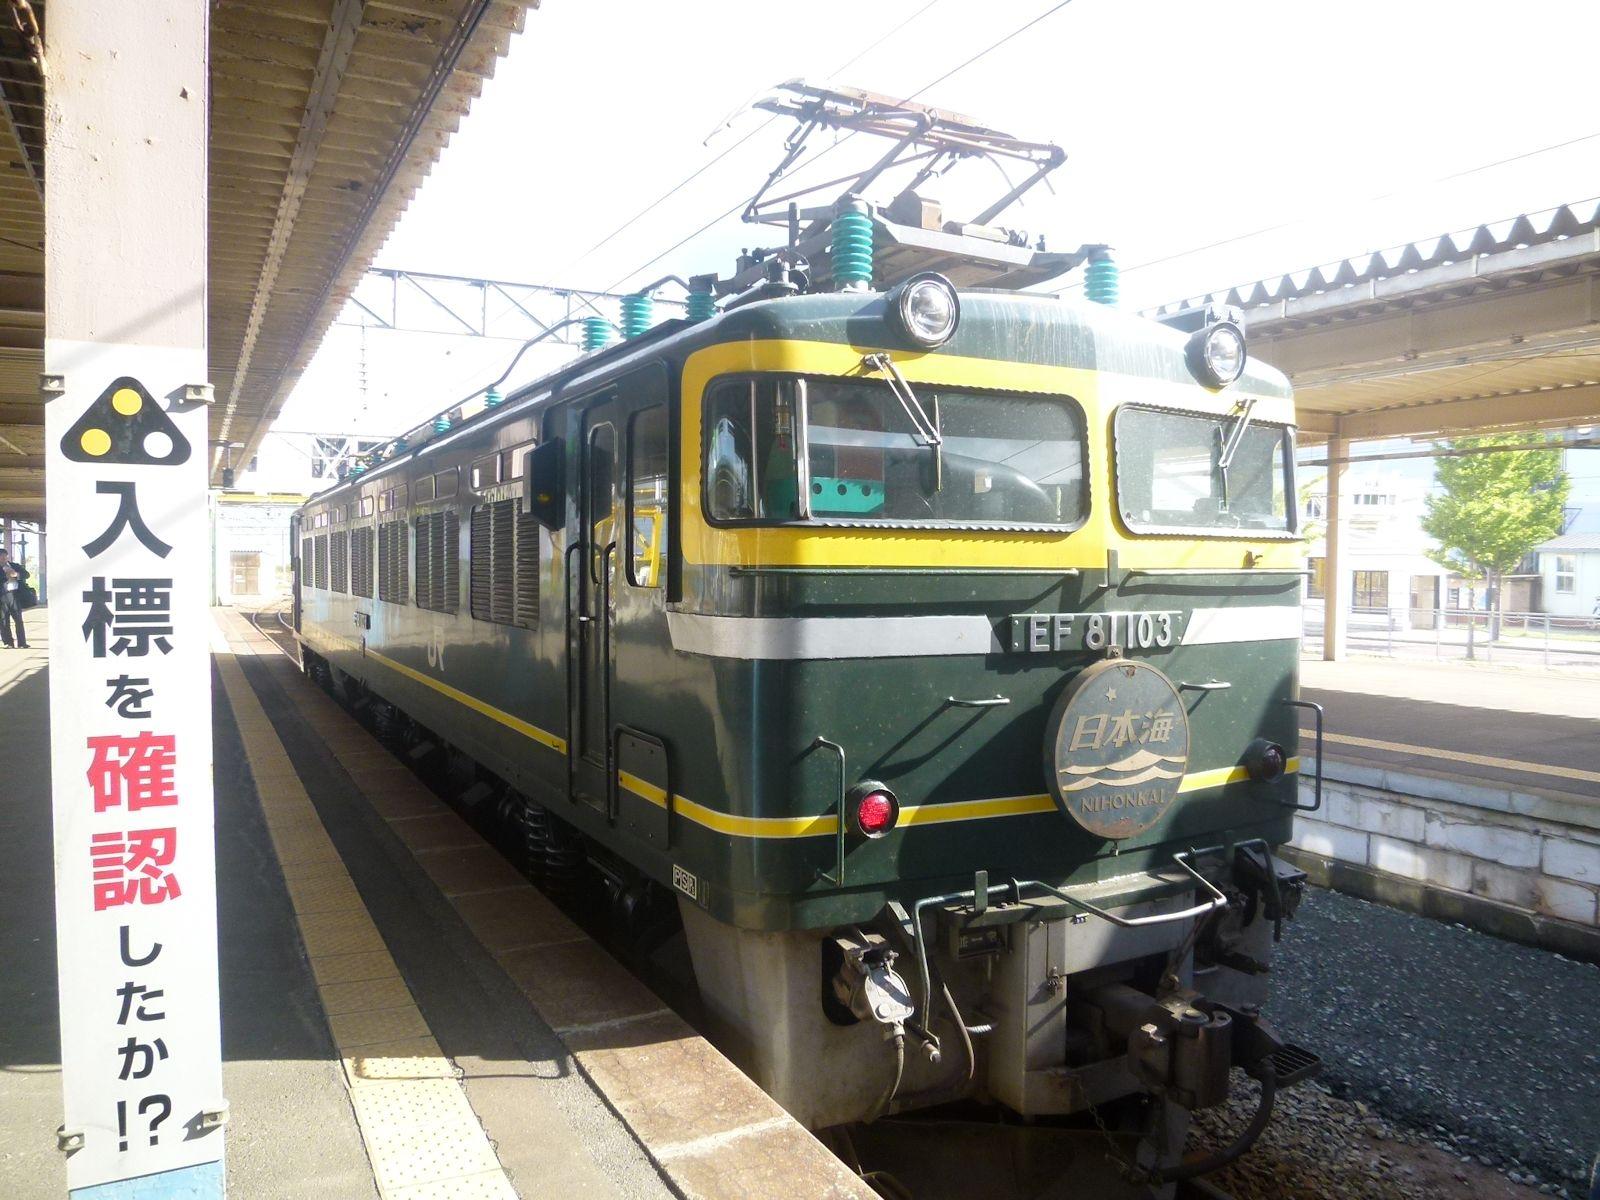 青森駅に到着した寝台特急日本海号のEF81(JPG-281k)